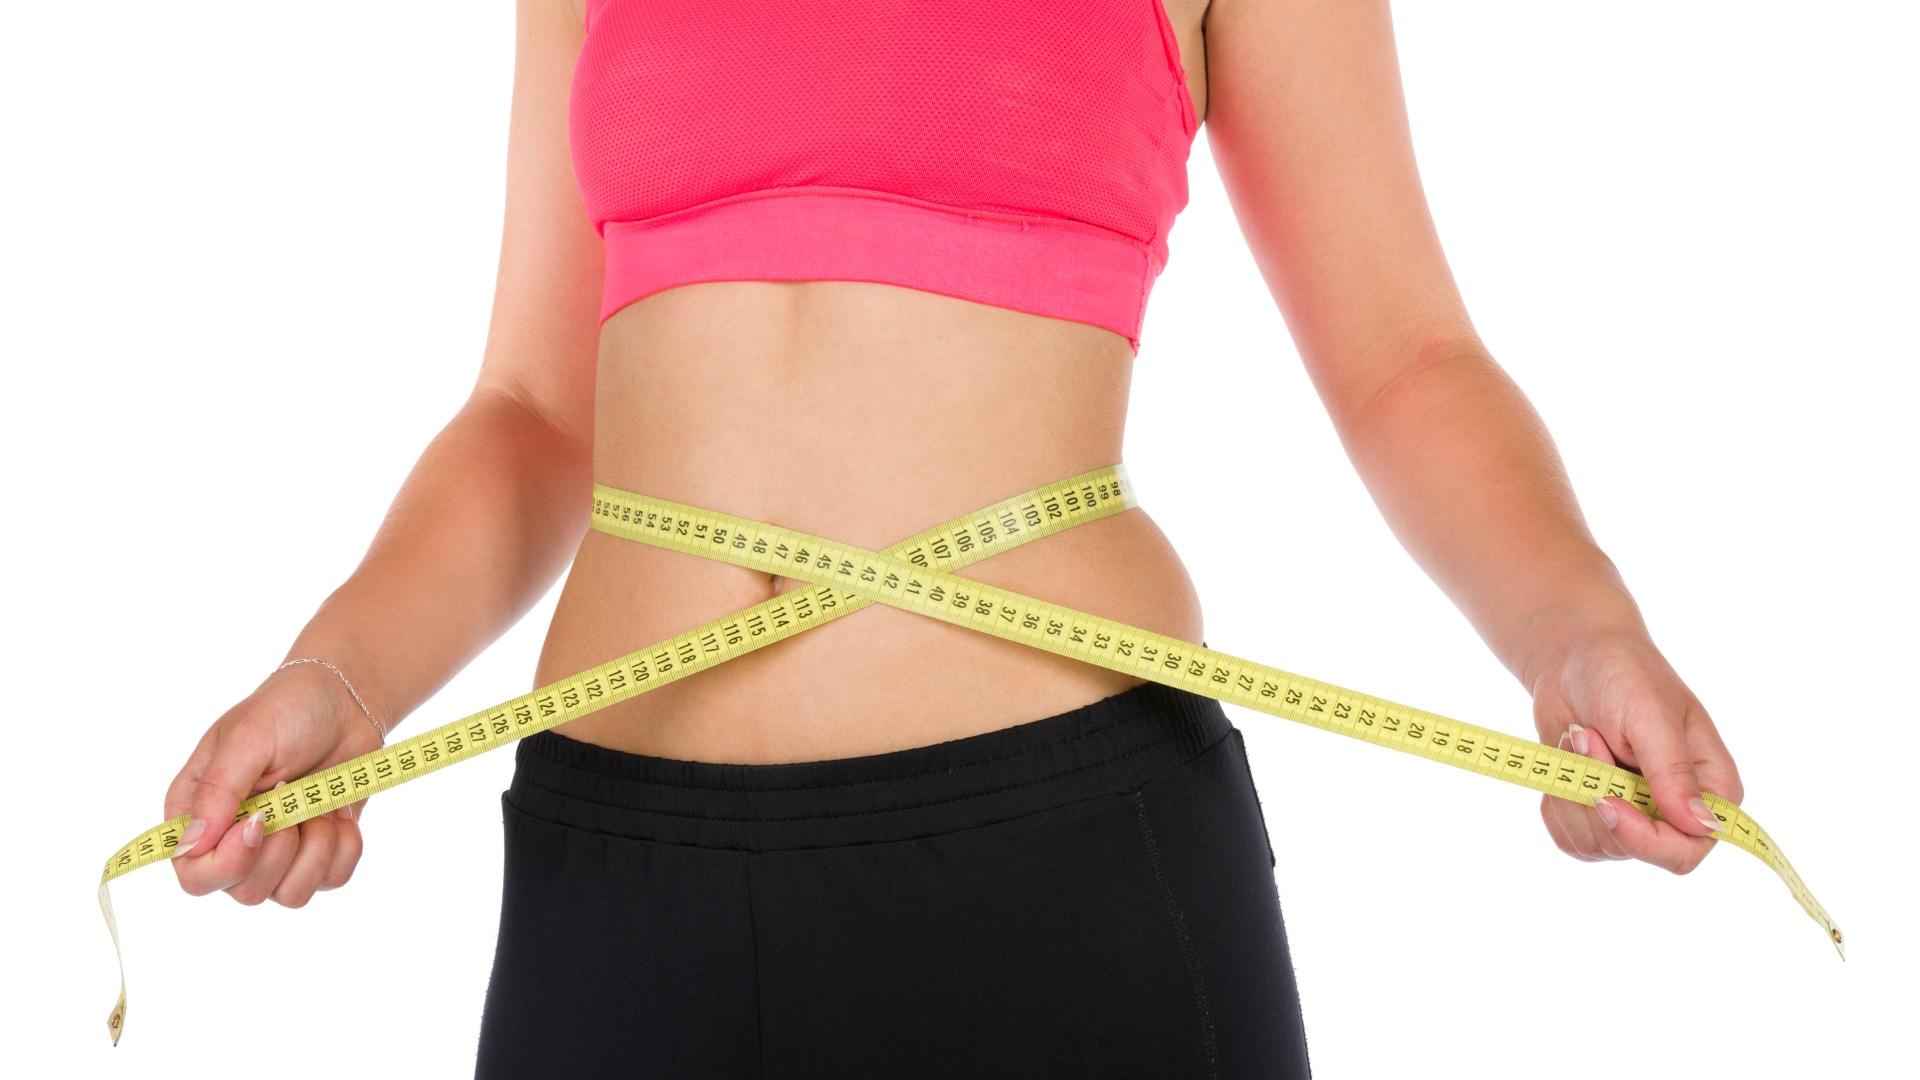 scăderea în greutate ajută la fertilitate trilogie pierdere în greutate santa cruz